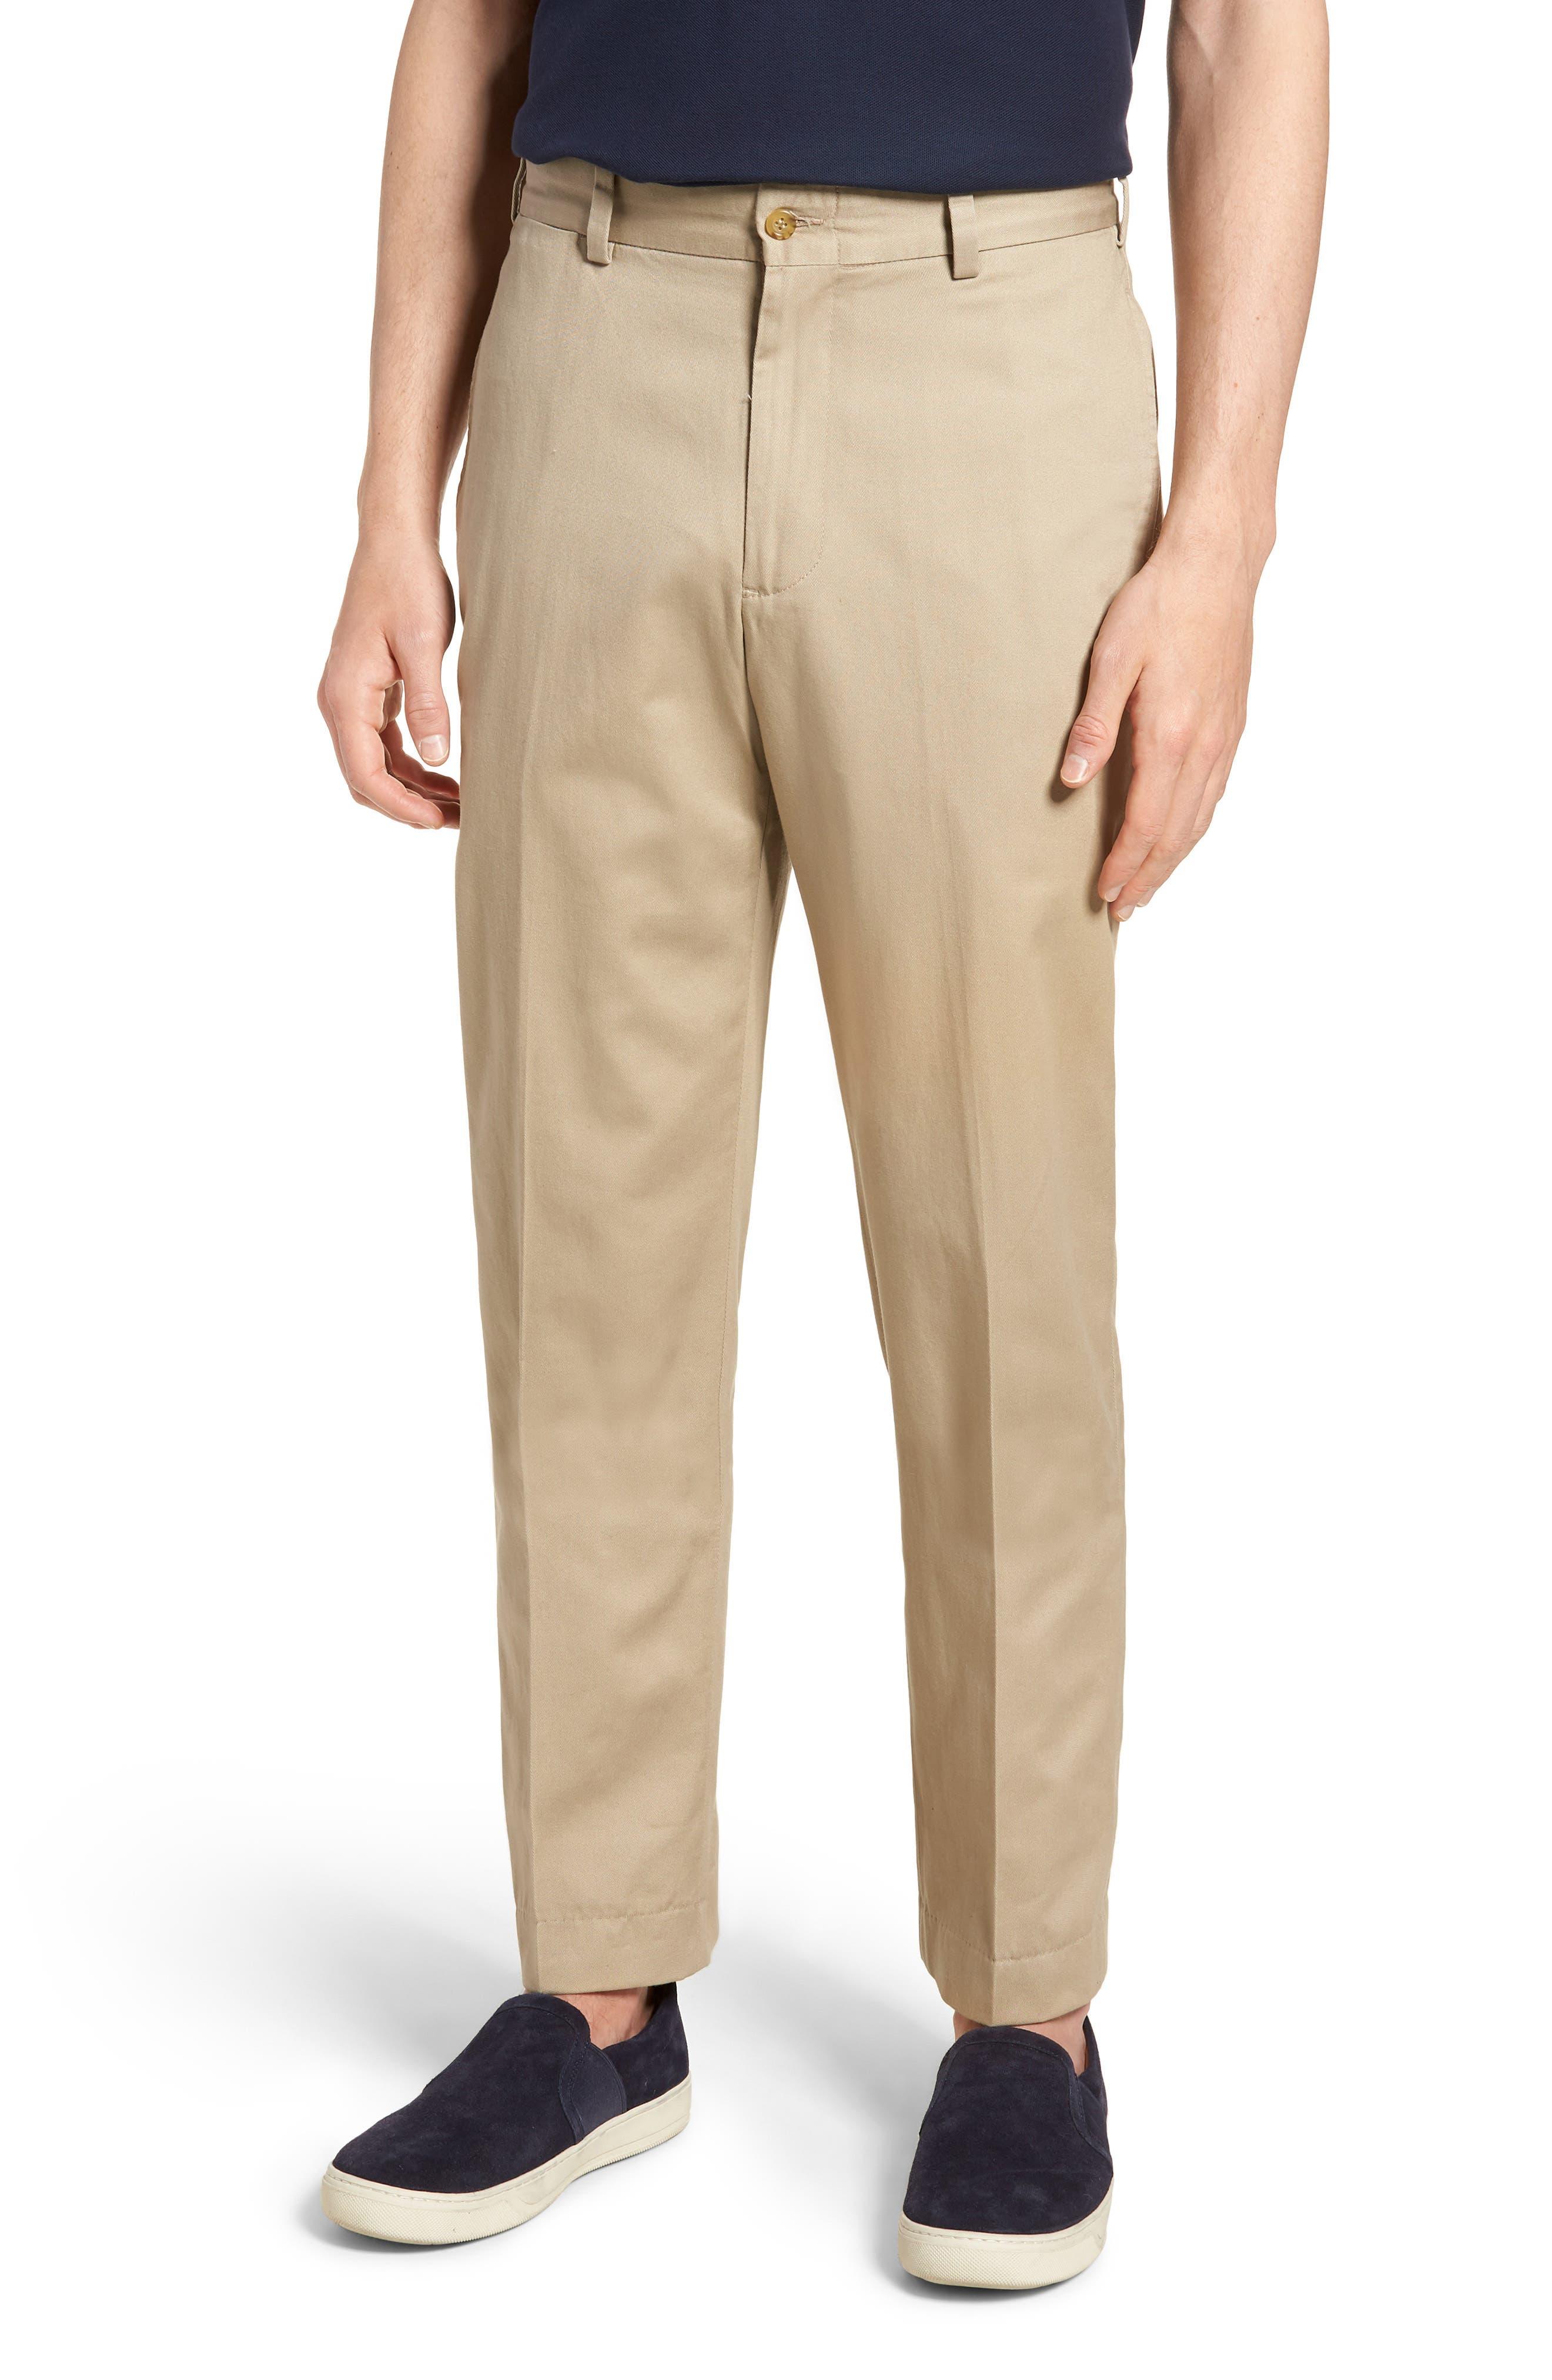 M2 Classic Fit Vintage Twill Flat Front Pants,                         Main,                         color, Khaki